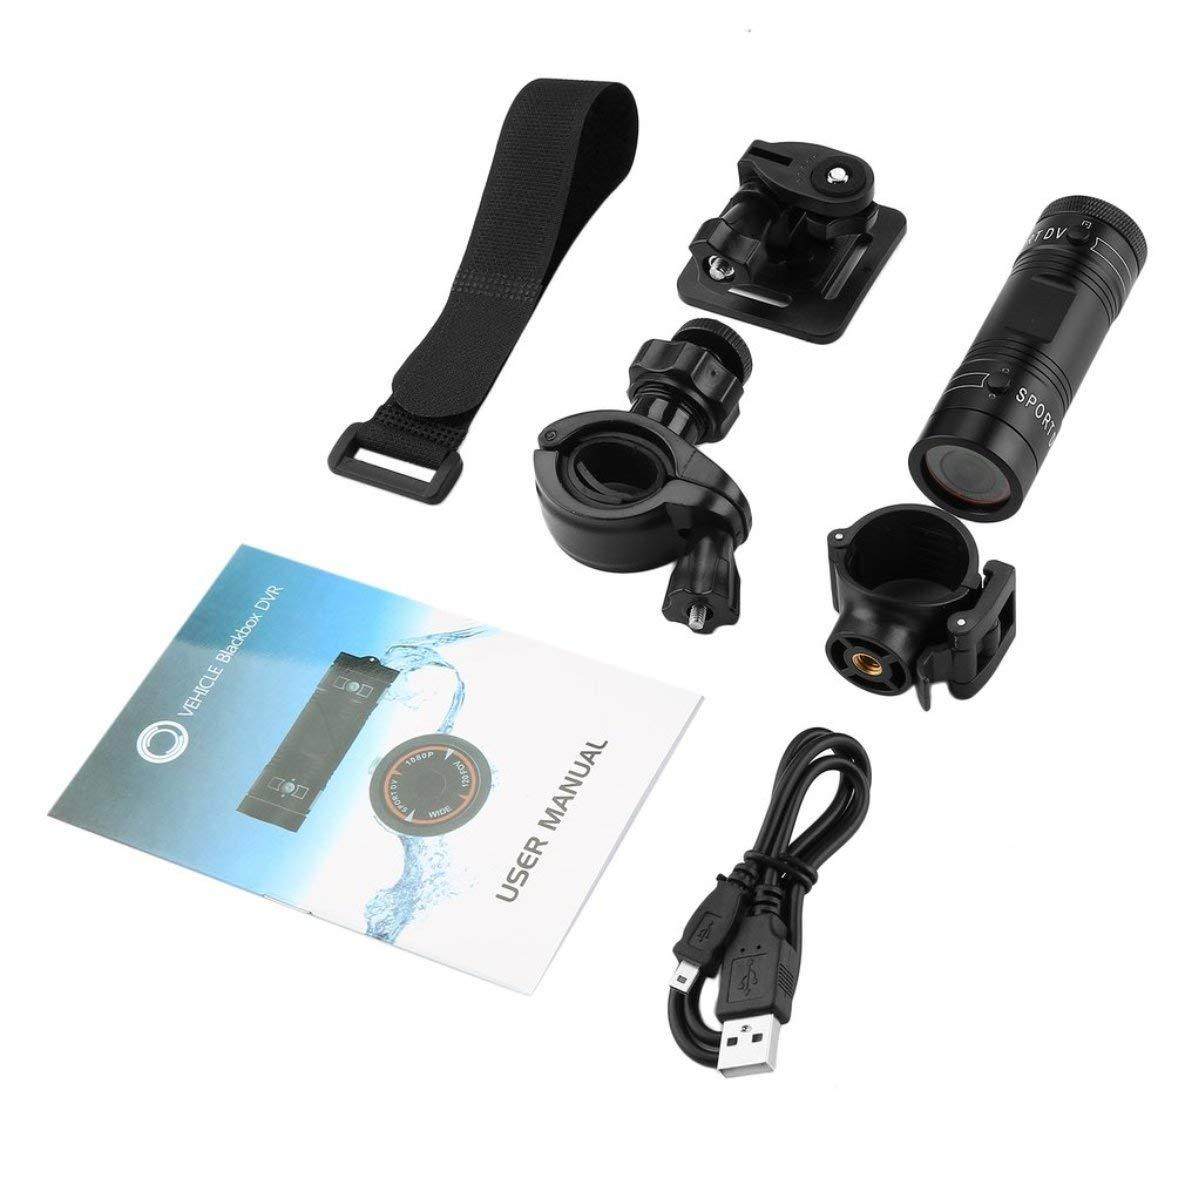 Moliies Cámara Full HD 1080P DV Mini cámara Deportiva a Prueba de Agua Casco Acción DVR Video CAM